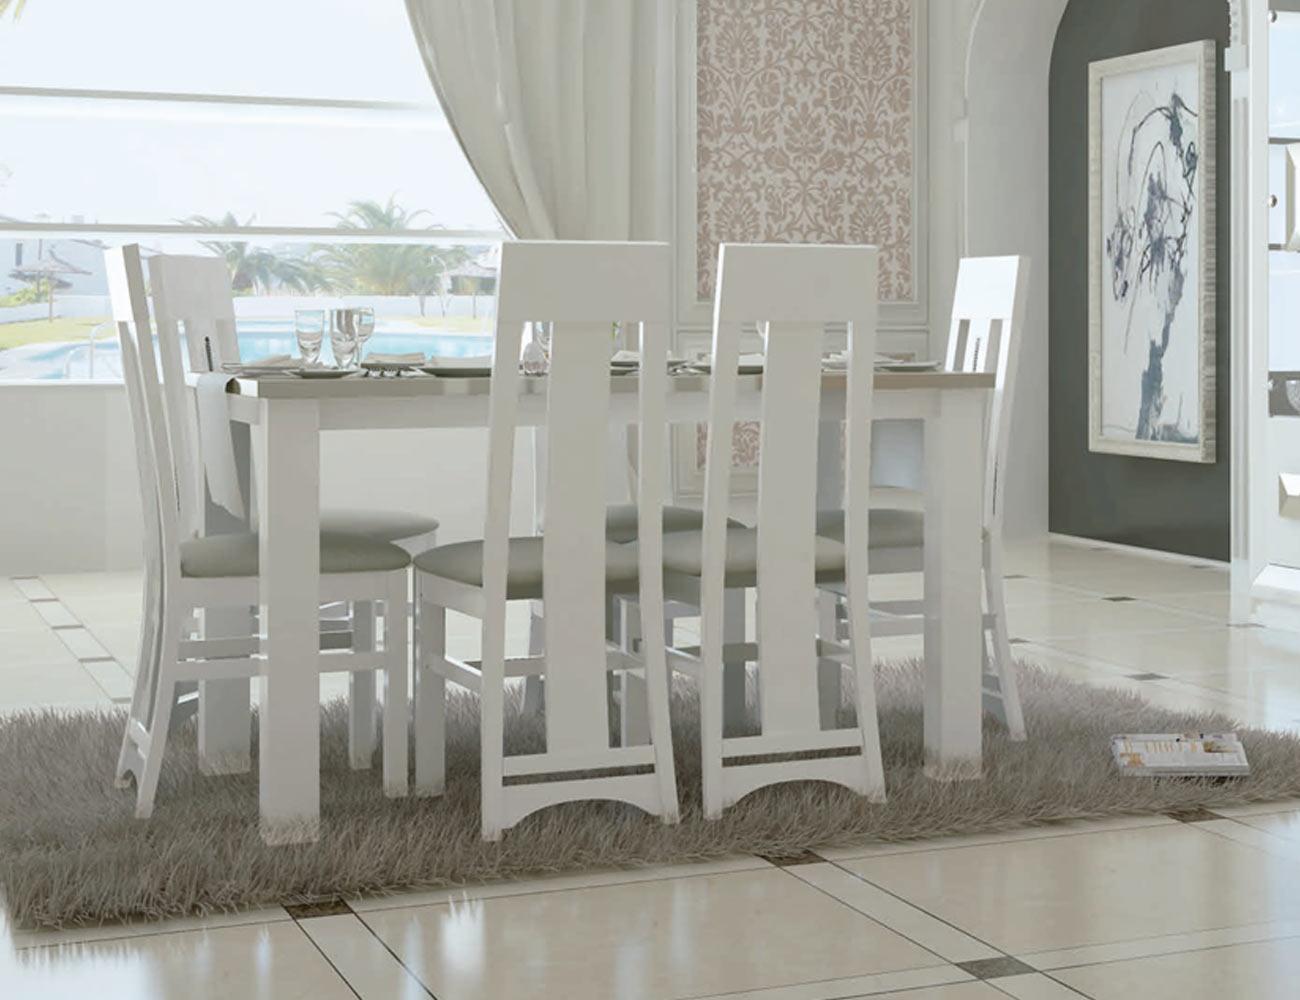 Mesa sillas neoclasico color 5043